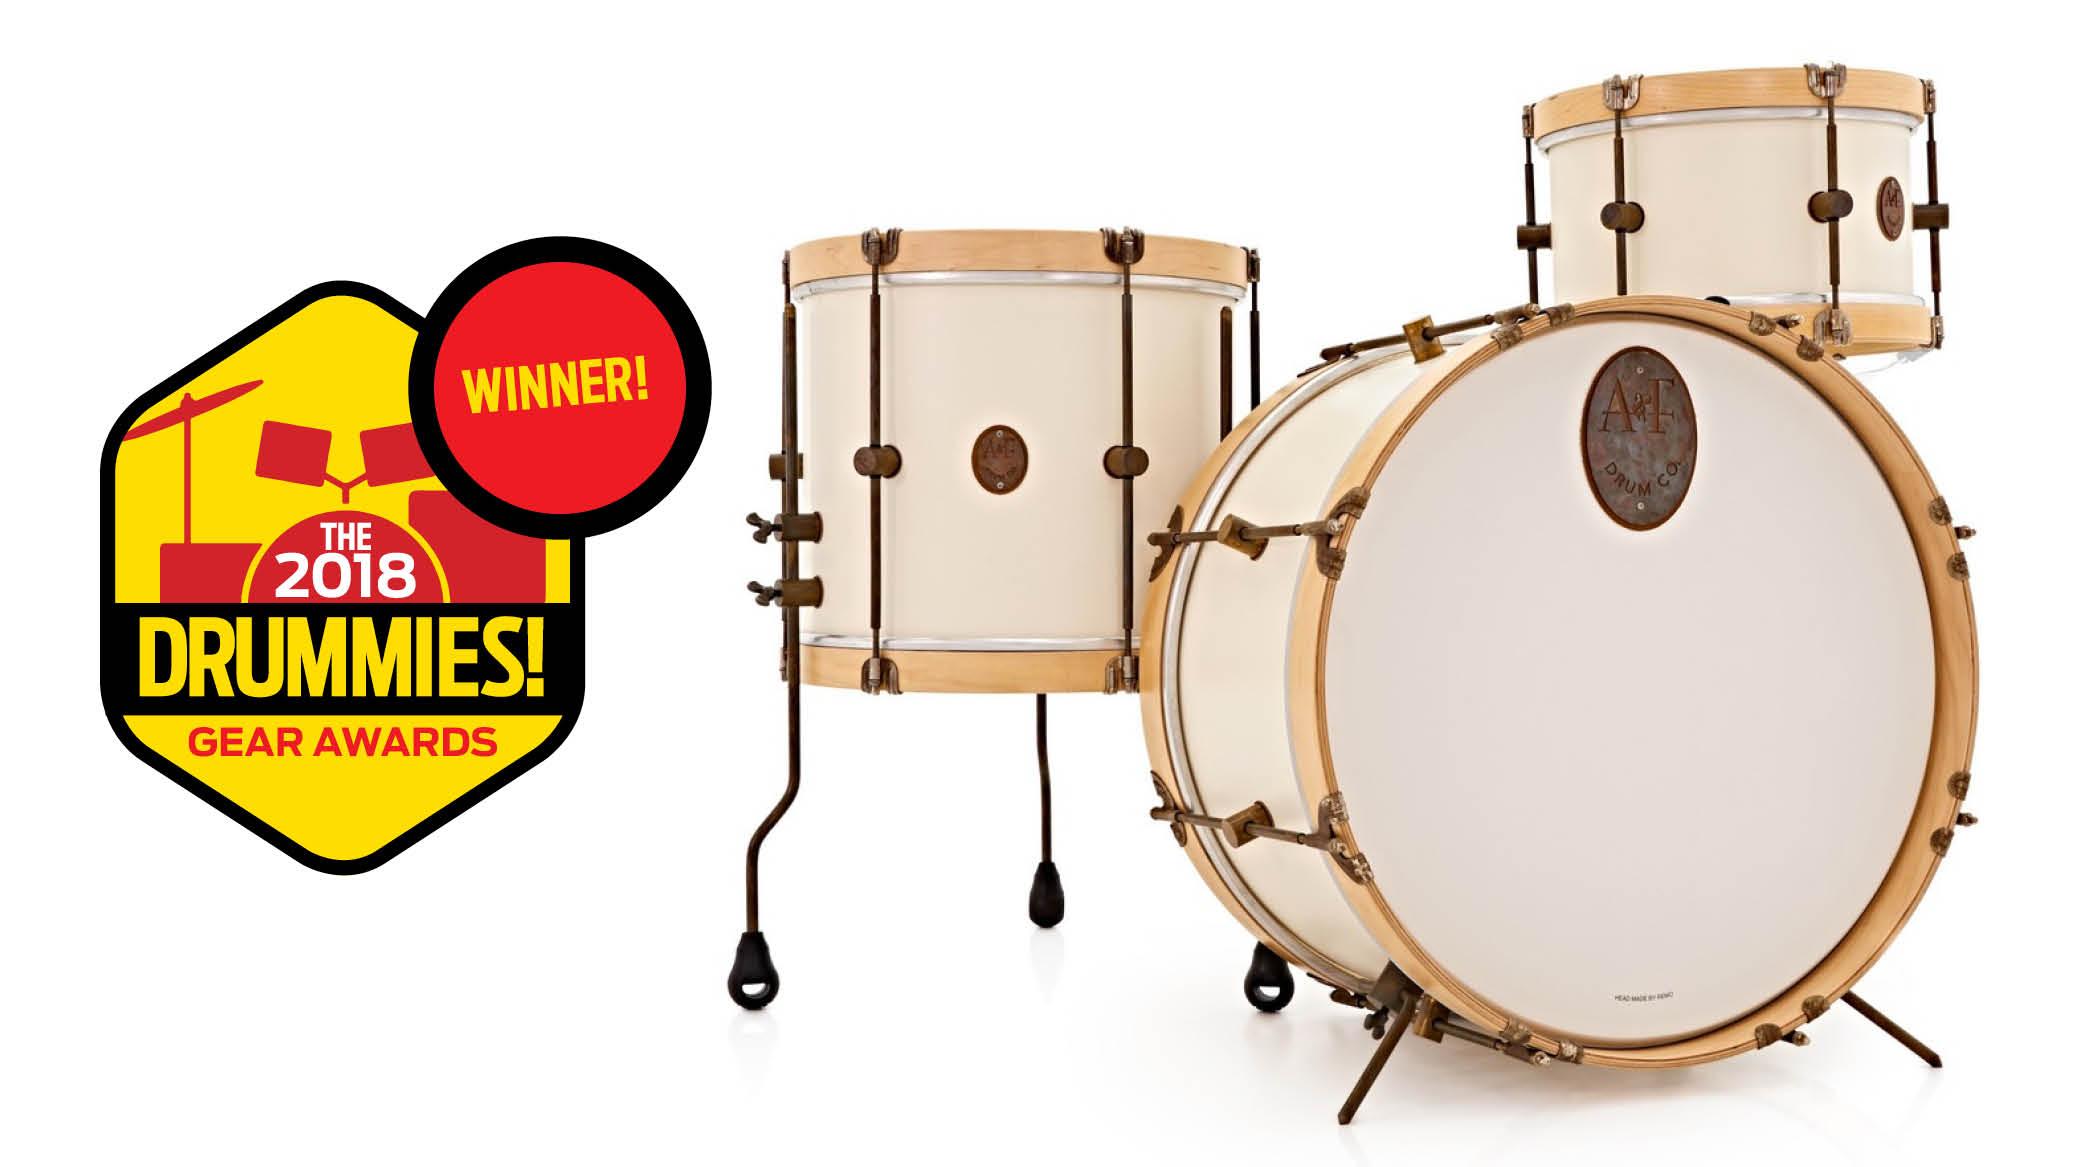 A&F Drummies